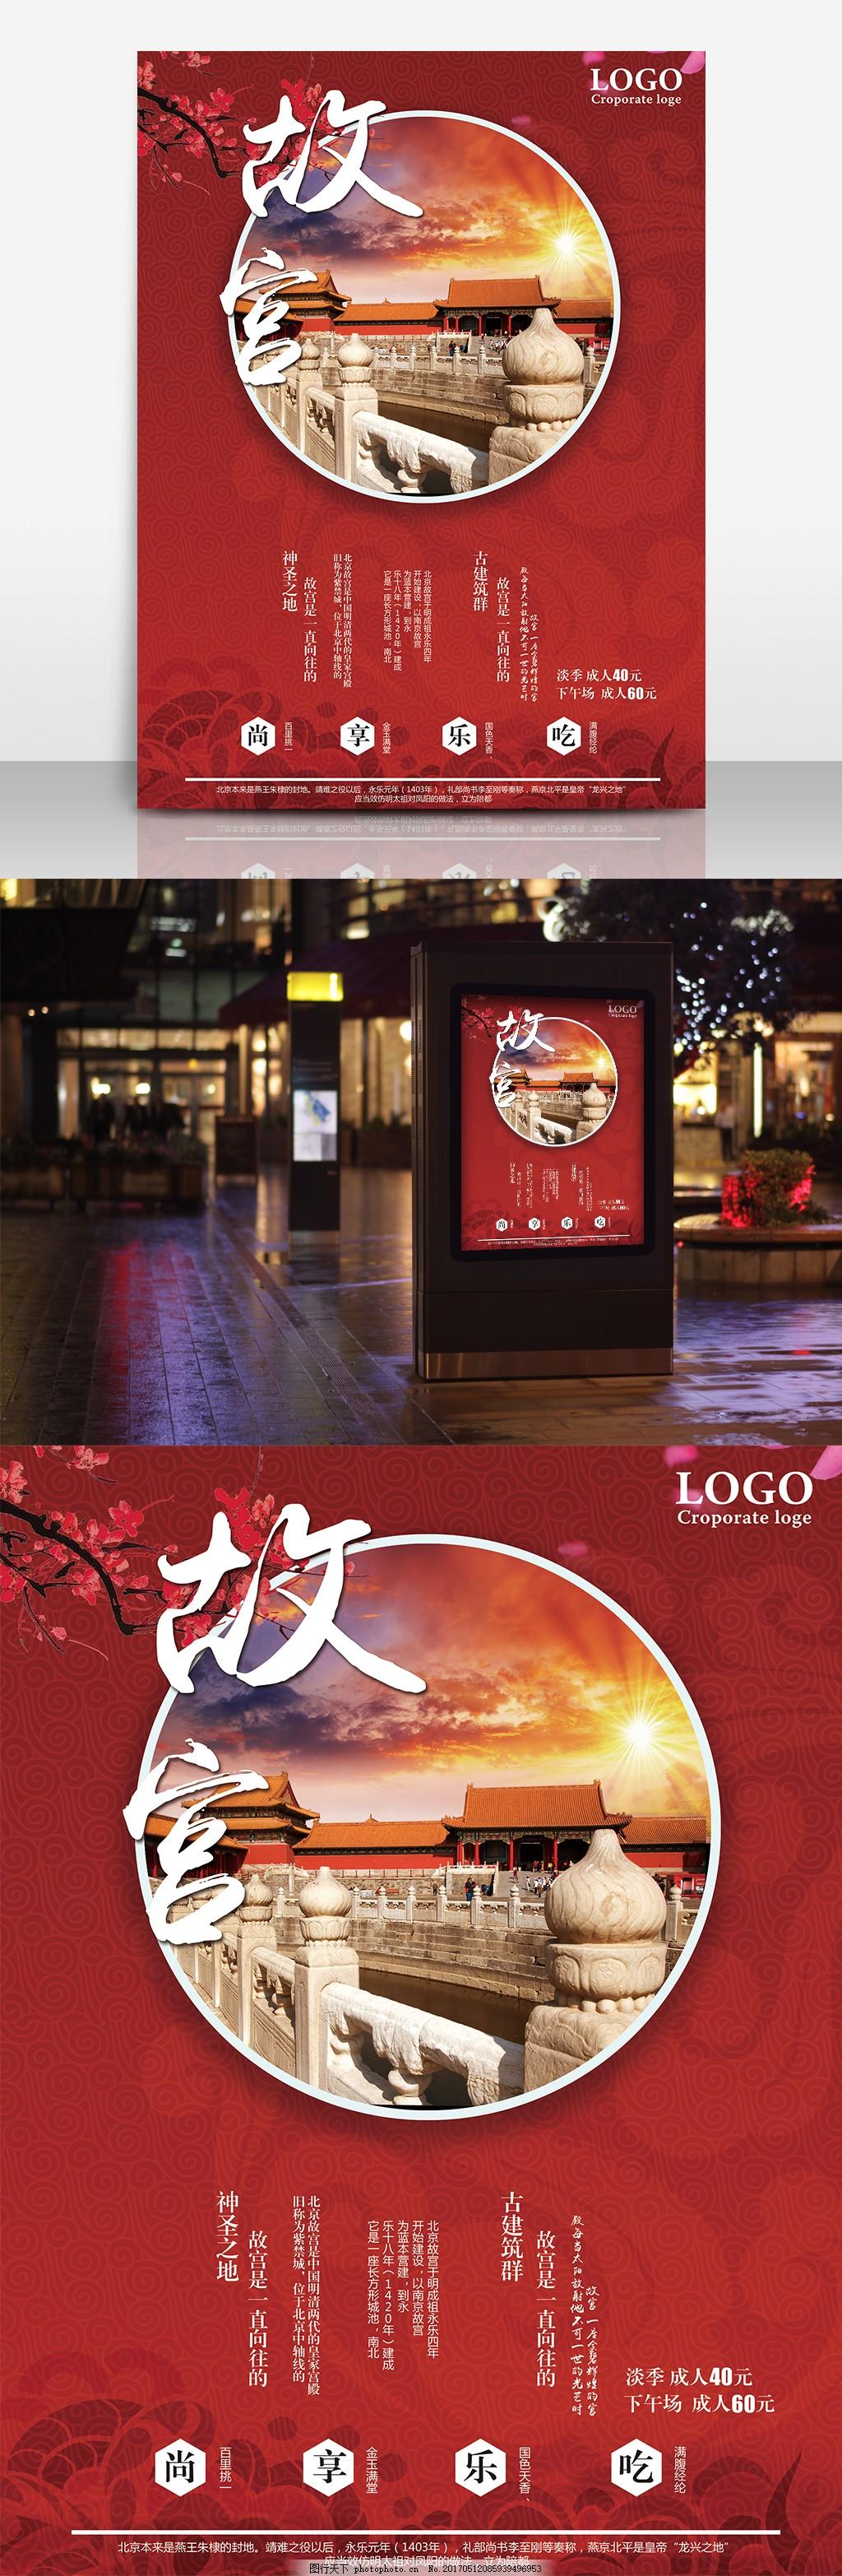 古风创意故宫旅游海报 北京 北京印象 印象北京 首都之旅 北京旅游